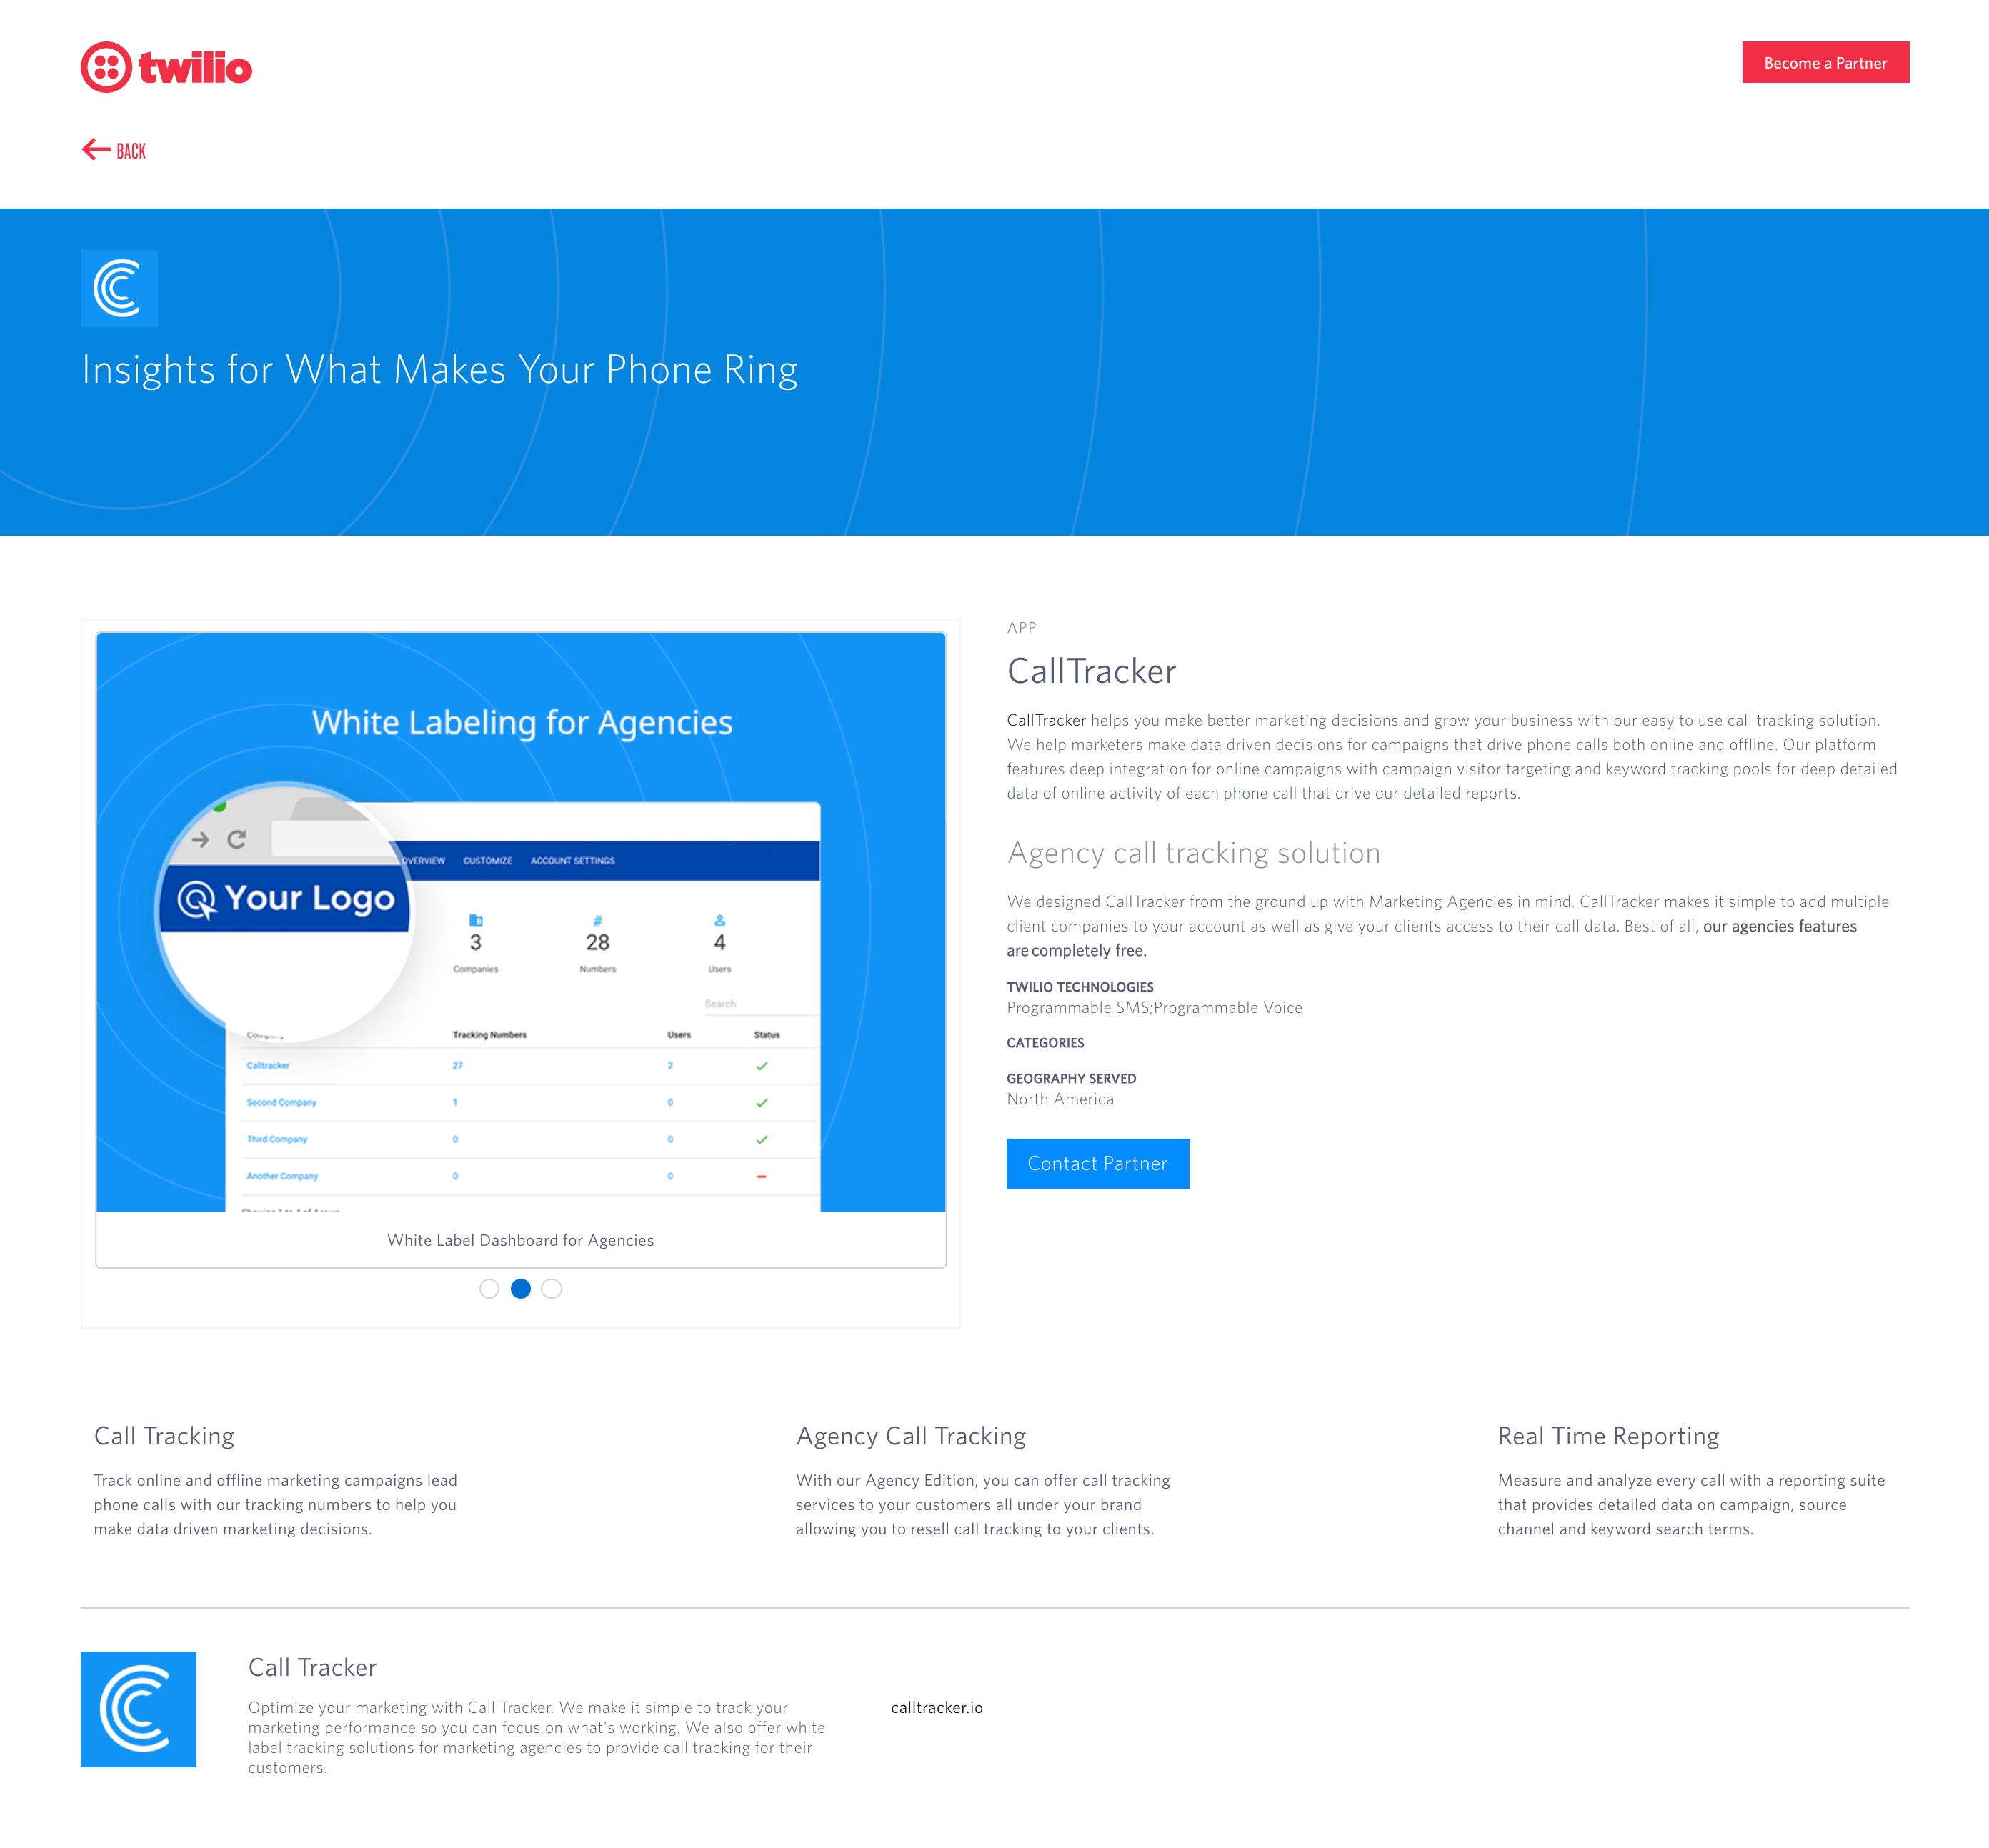 twilio calltracker partner listing